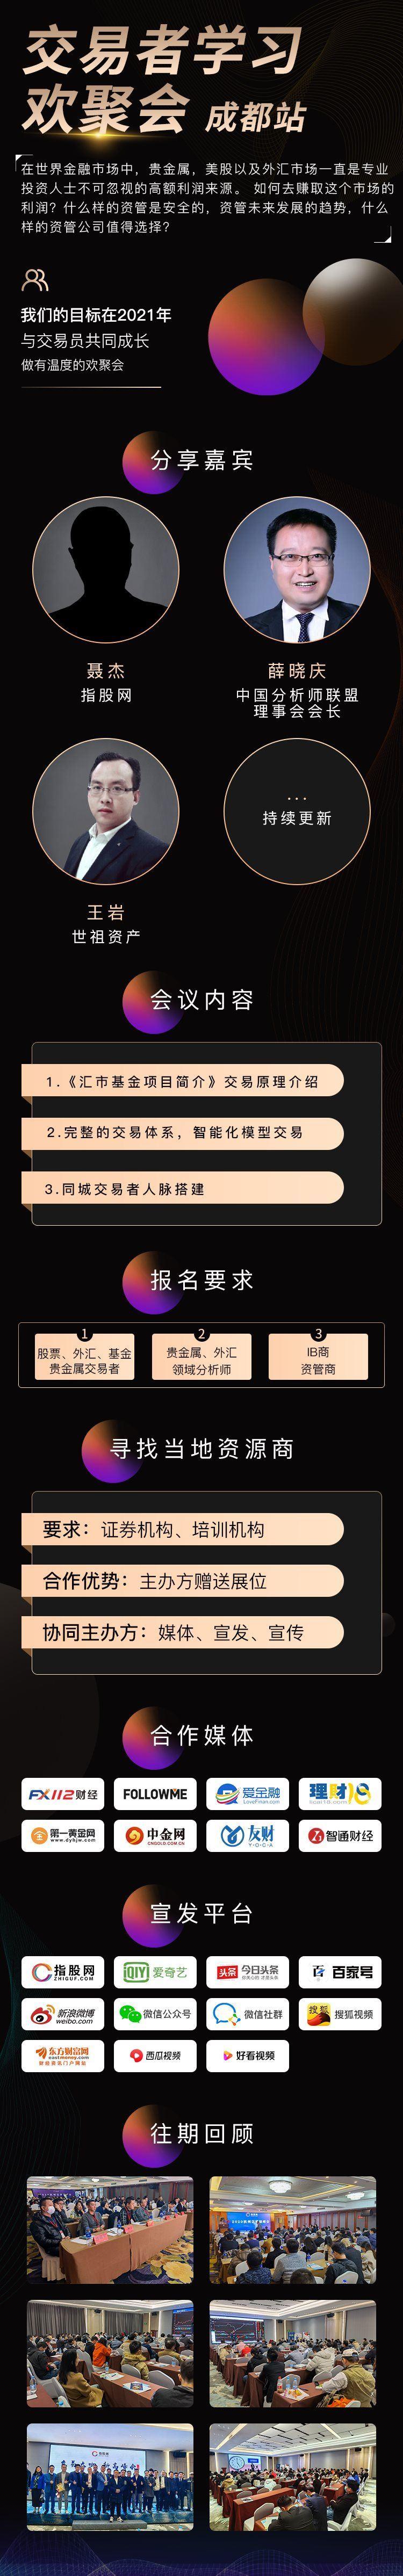 交易者学习-成都.png